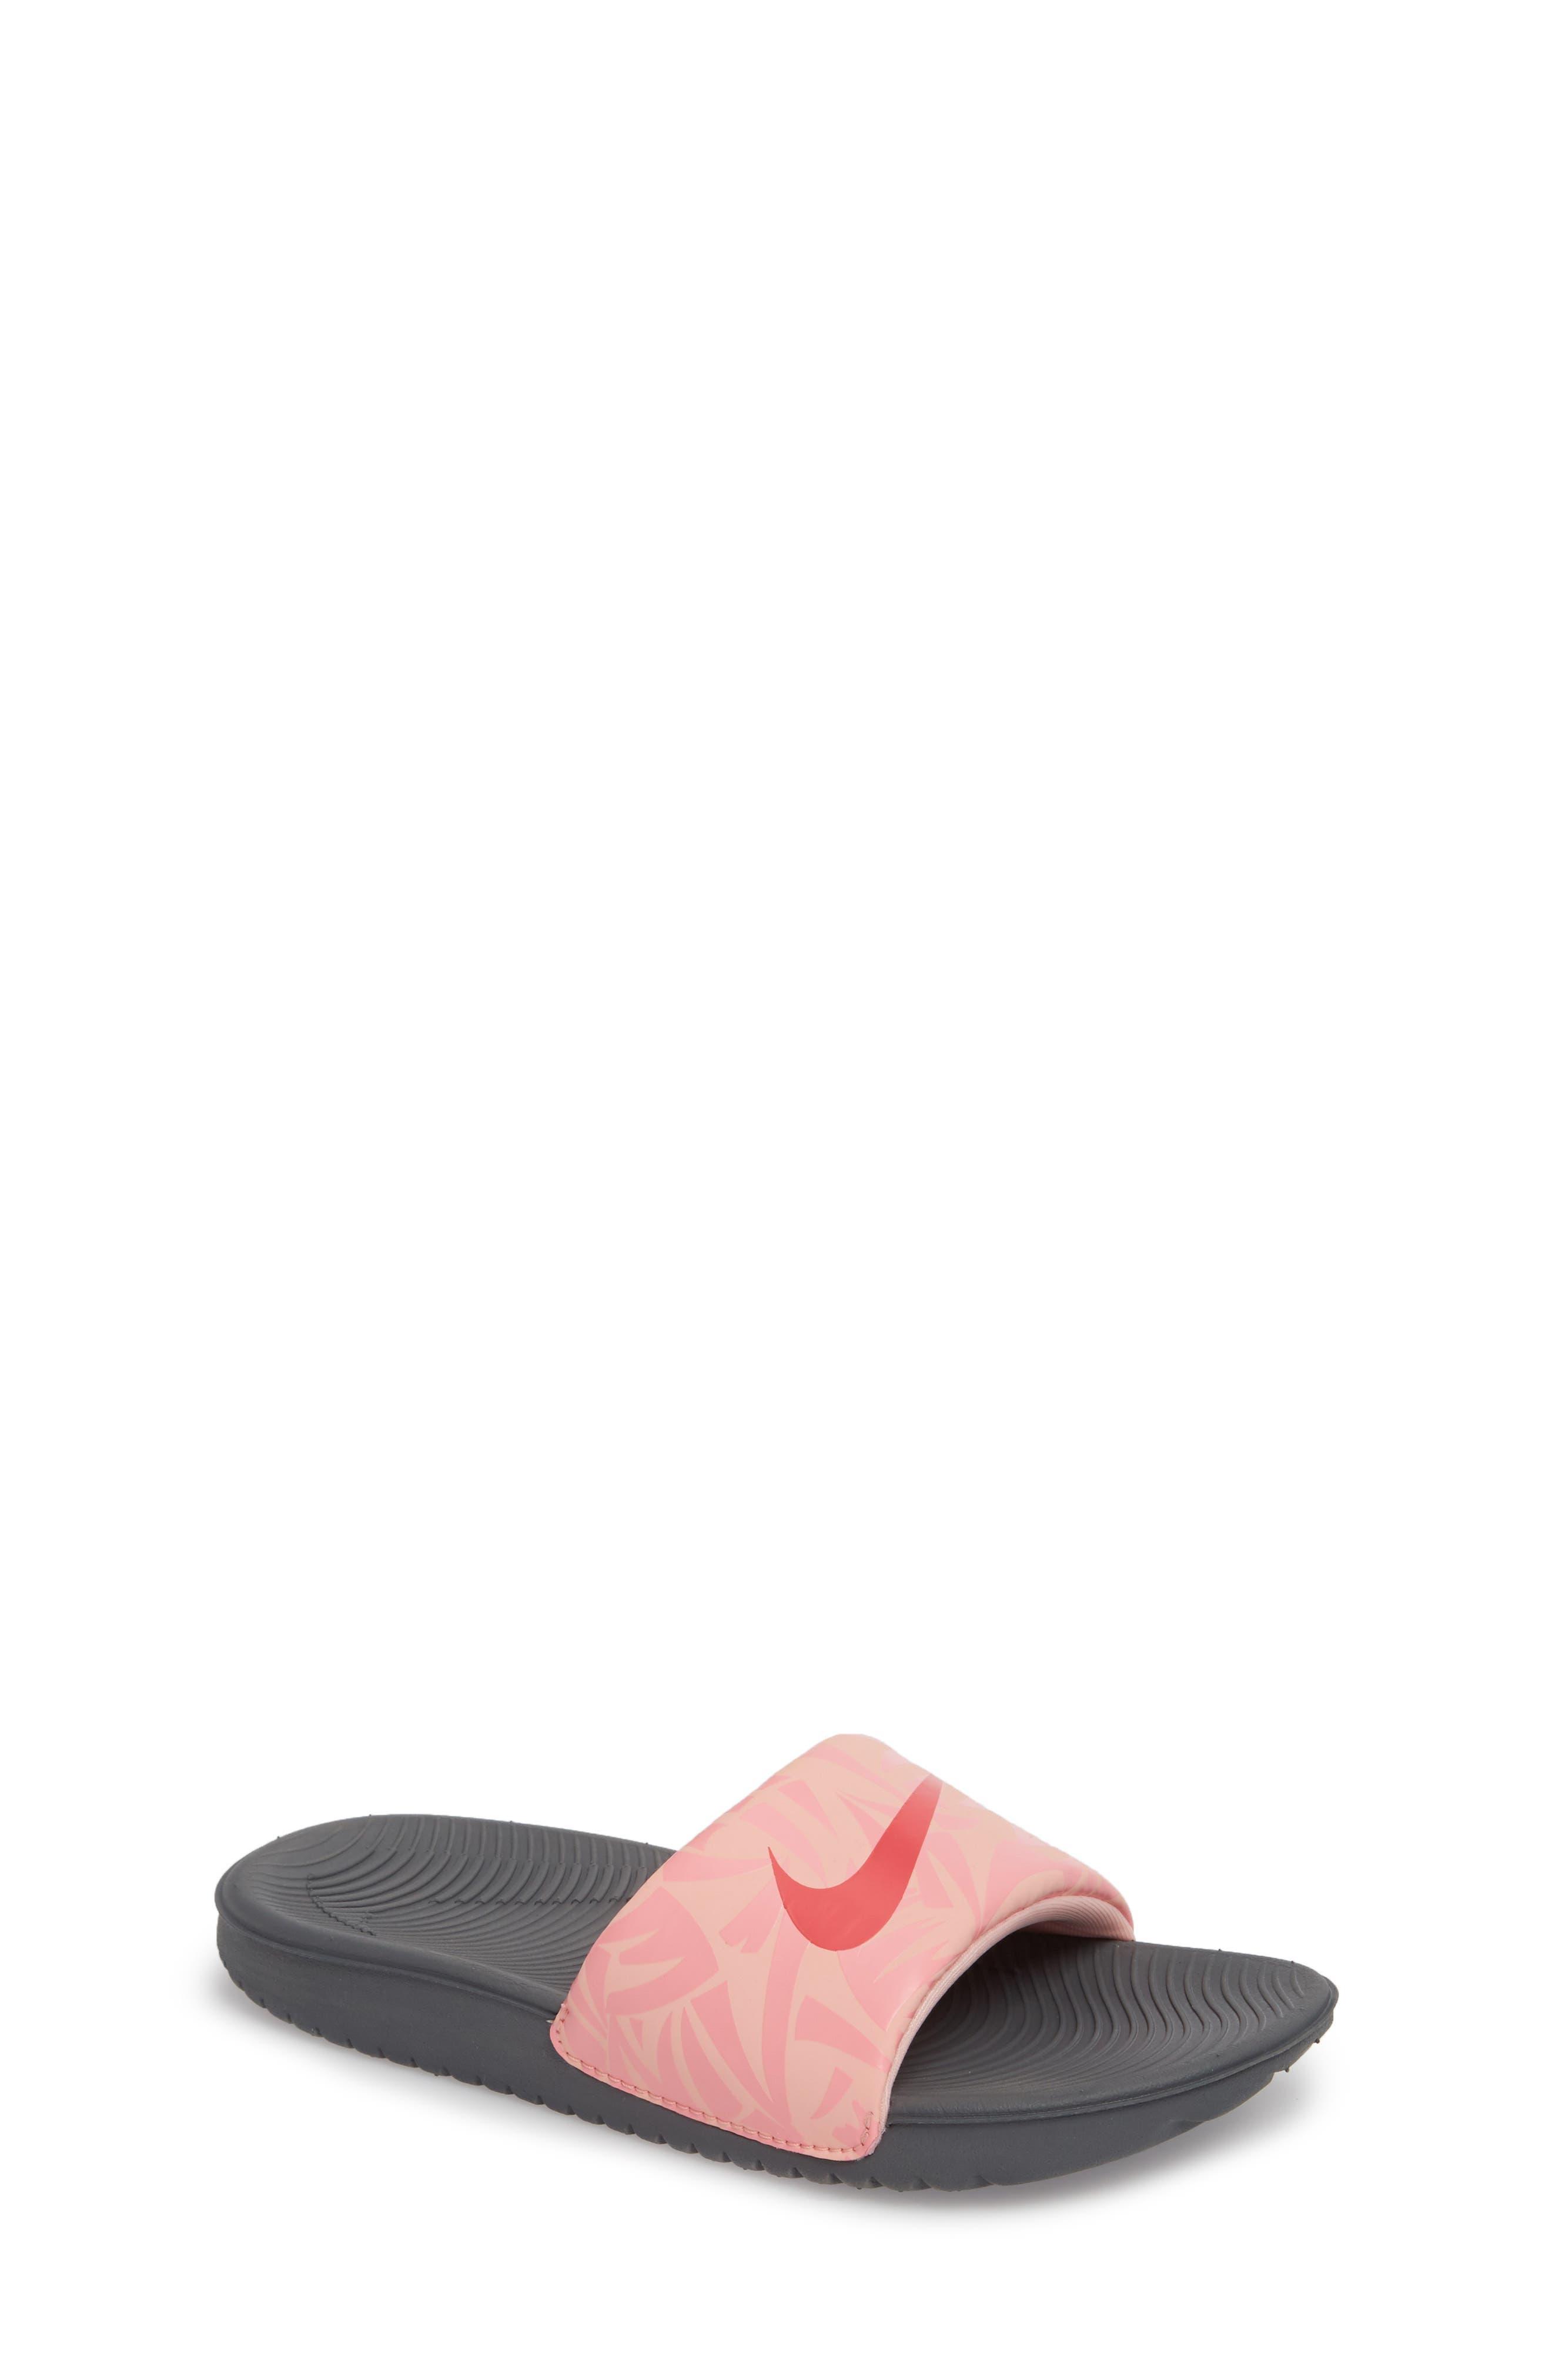 'Kawa' Print Slide Sandal,                             Main thumbnail 1, color,                             Grey/ Tropical Pink/ Coral